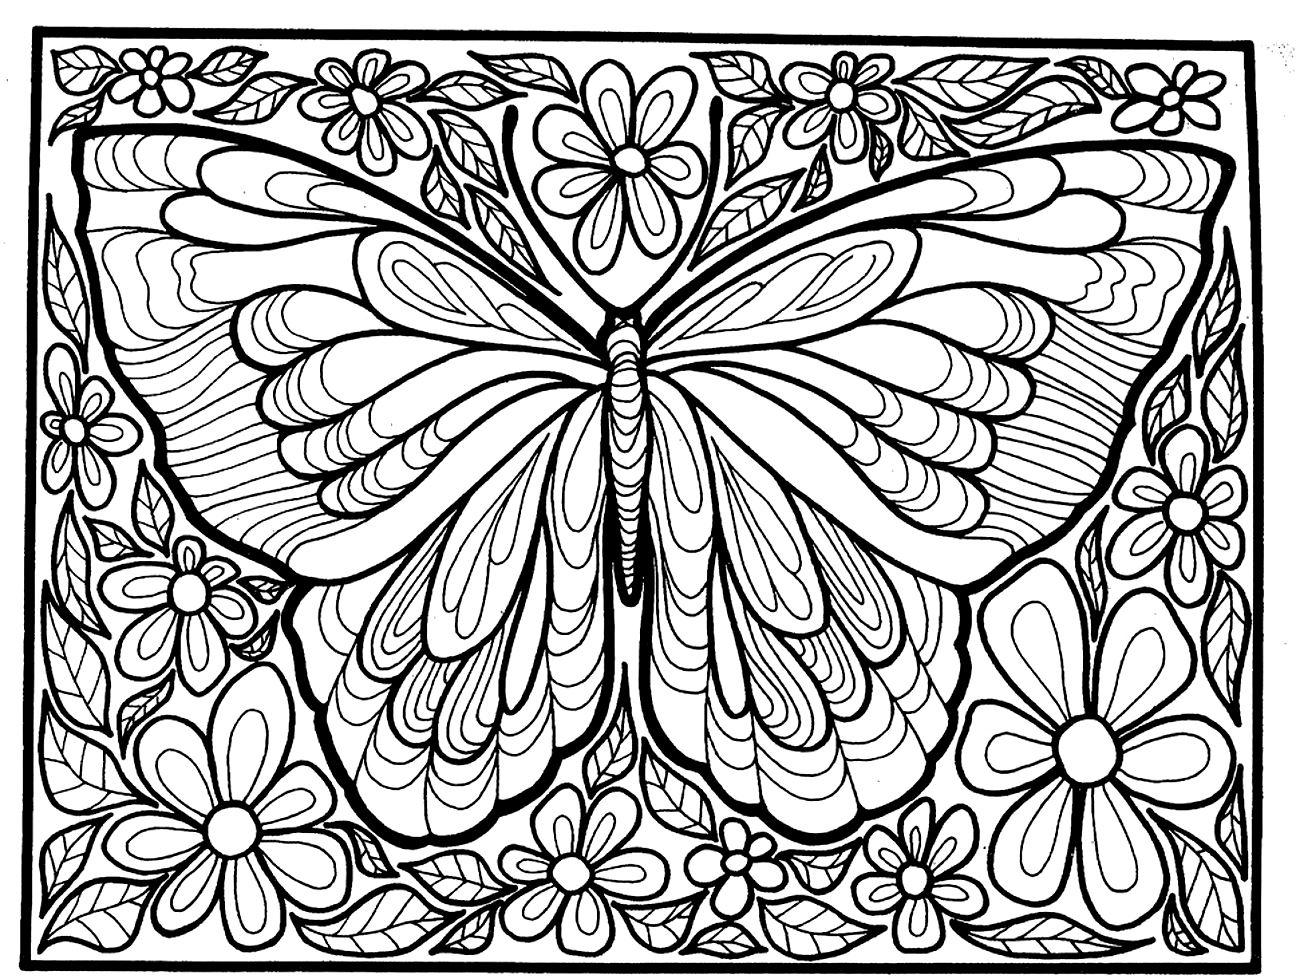 Dibujos De Insectos Para Colorear Para Ninos: Colorear Para Adultos